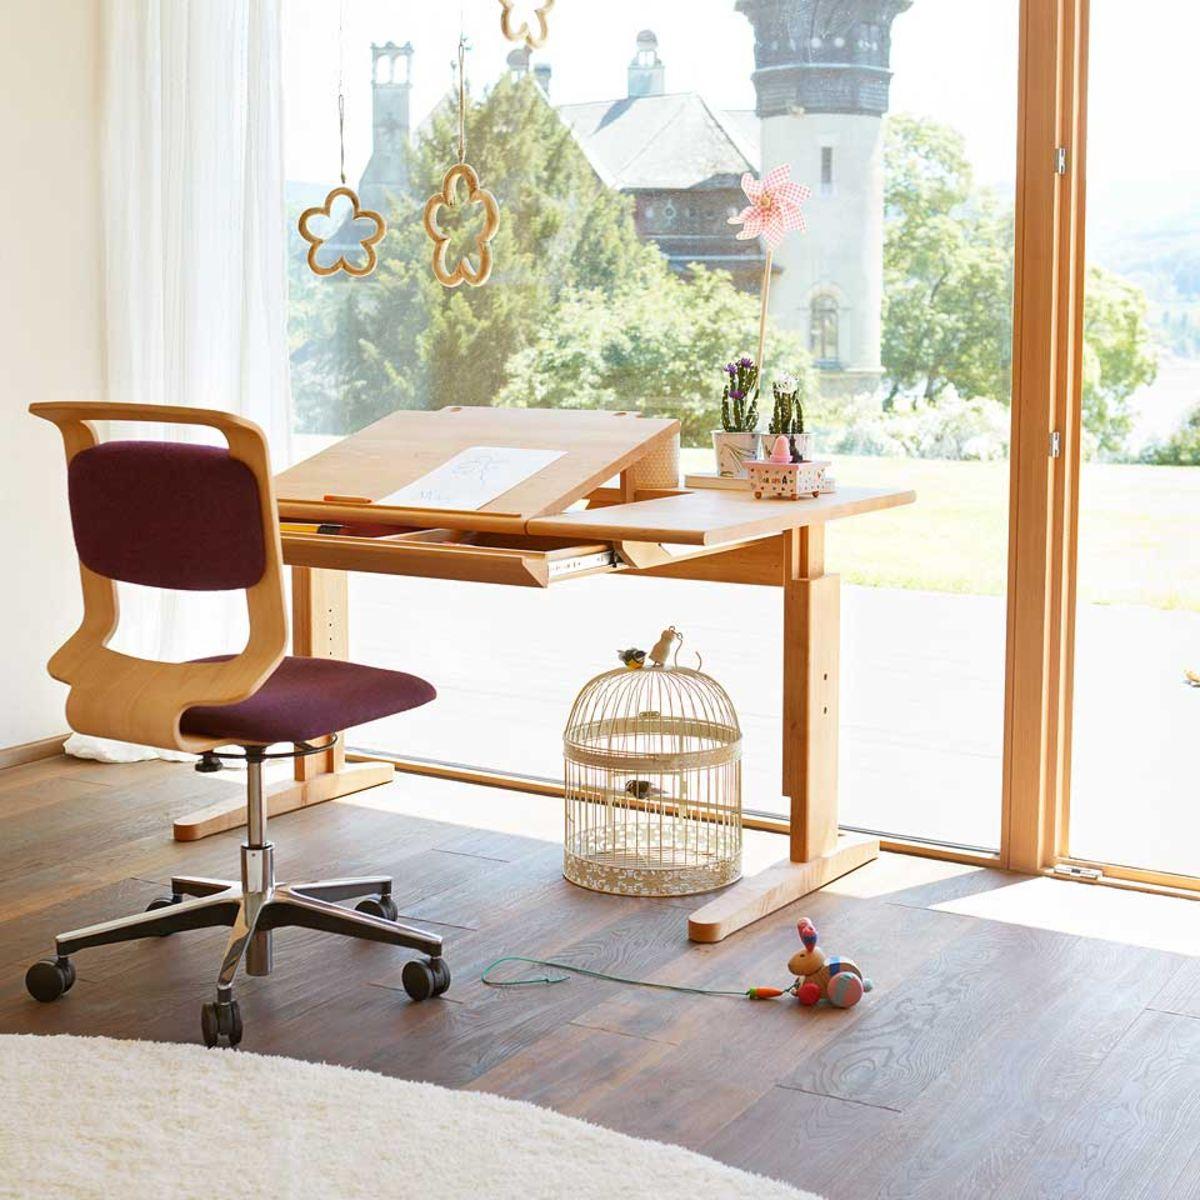 mobile Schreibtisch mit Drehstuhl von TEAM 7 Linz